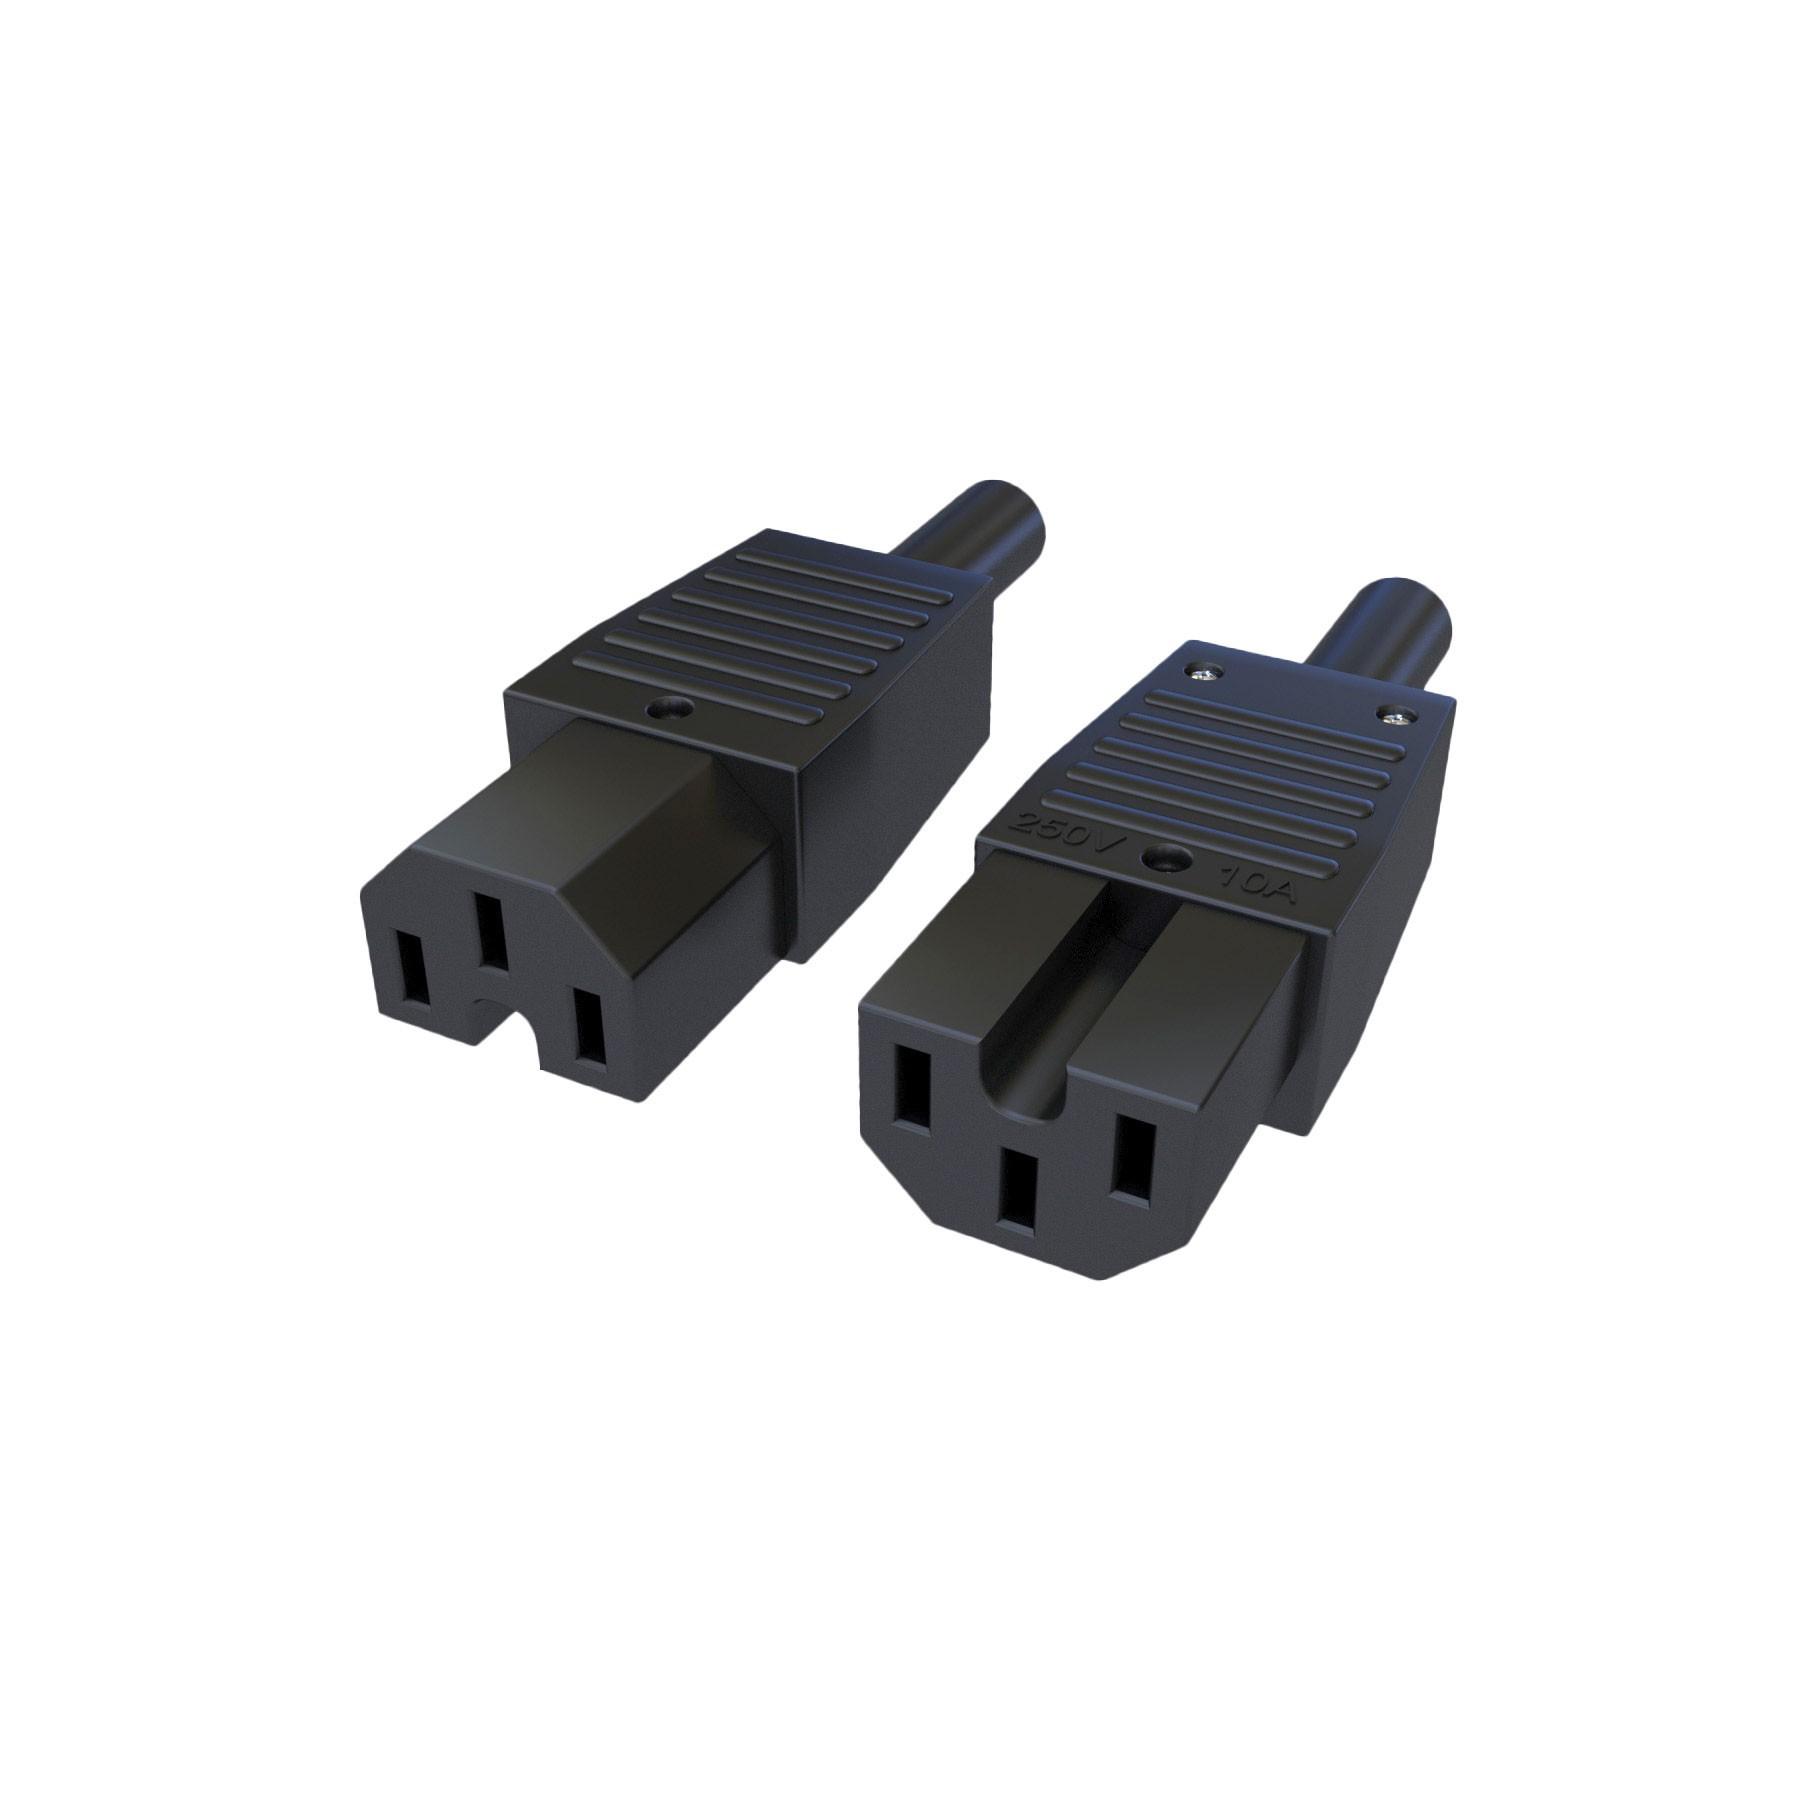 Plugue Fêmea IEC320 C15 - 10A - 250V 2P+T